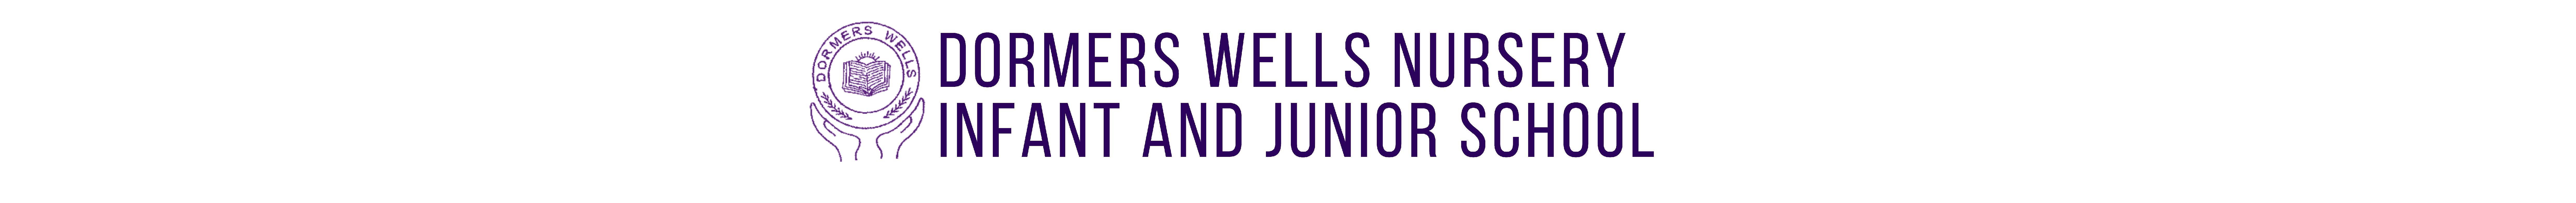 Dormers Wells Nursery, Infants and Junior School